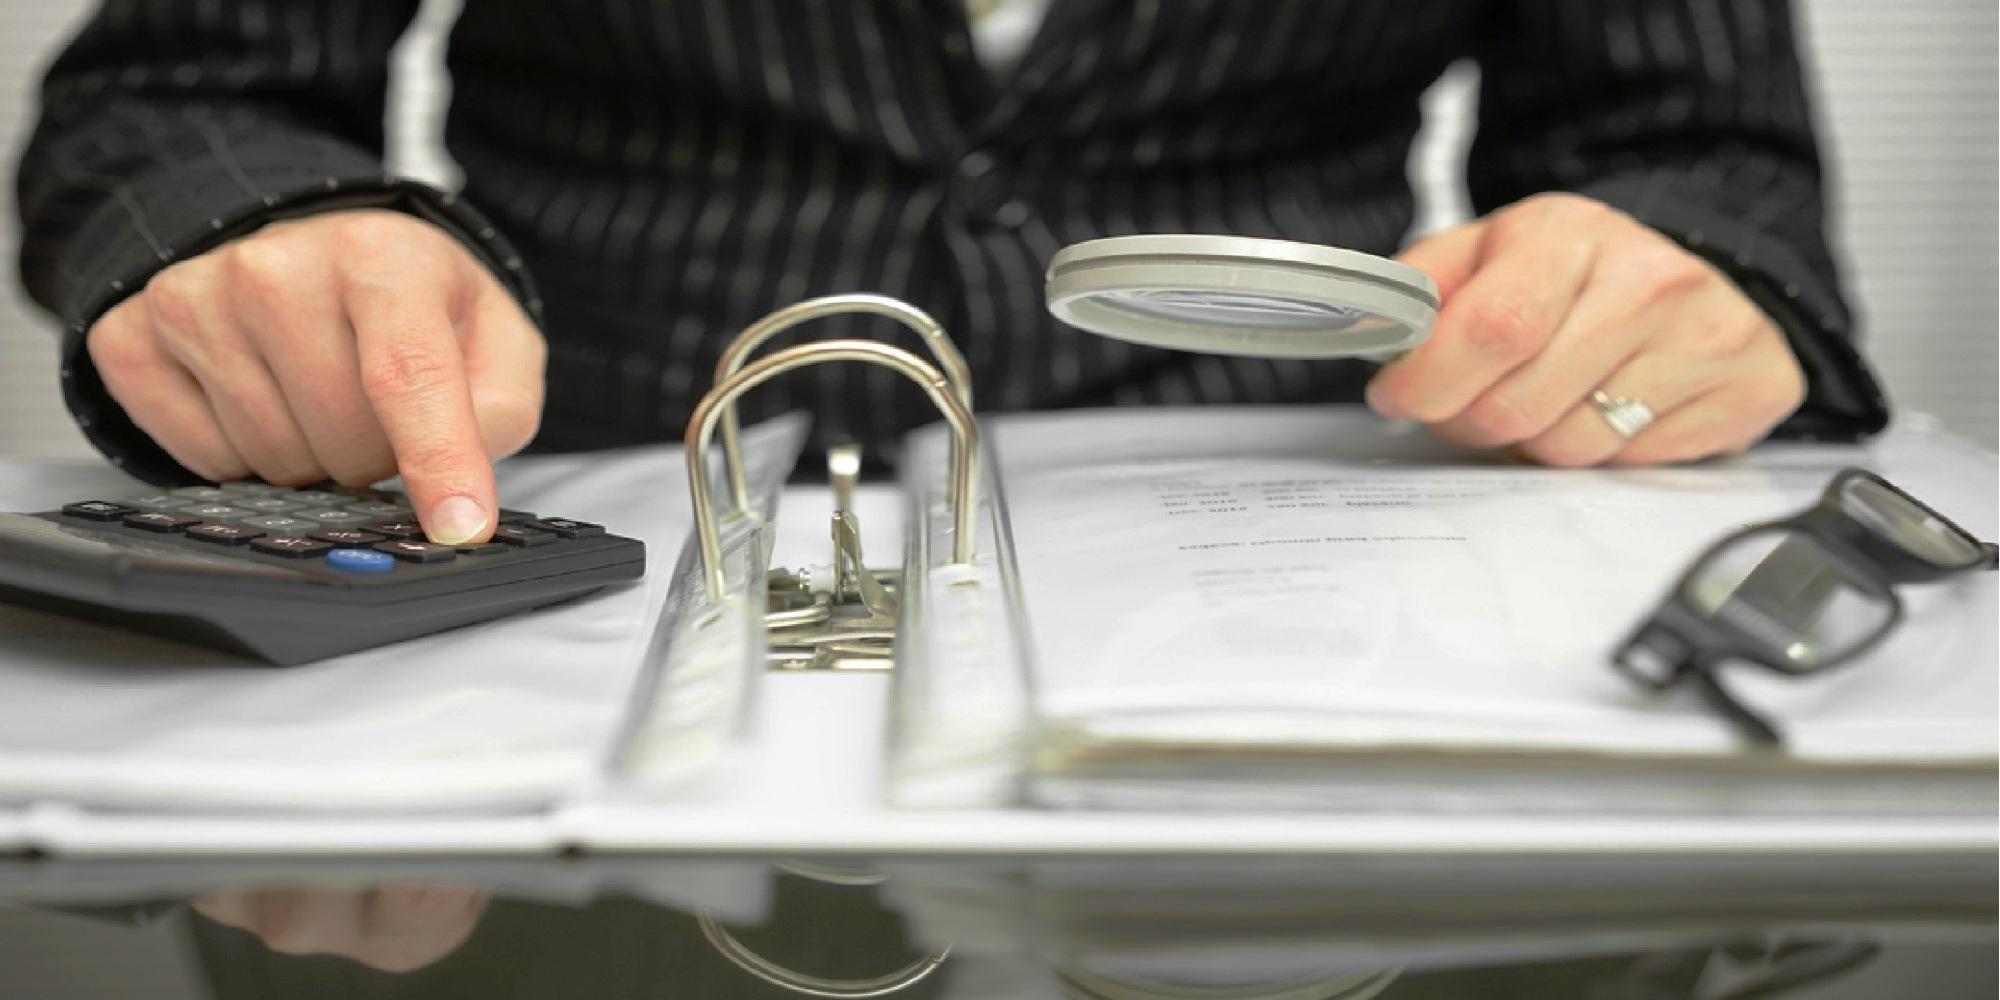 Налоговая проверка всегда приходит на выручку. О том, как именно она это делает мы и поговорим в рамках данного материала, изучив пару основных методов.